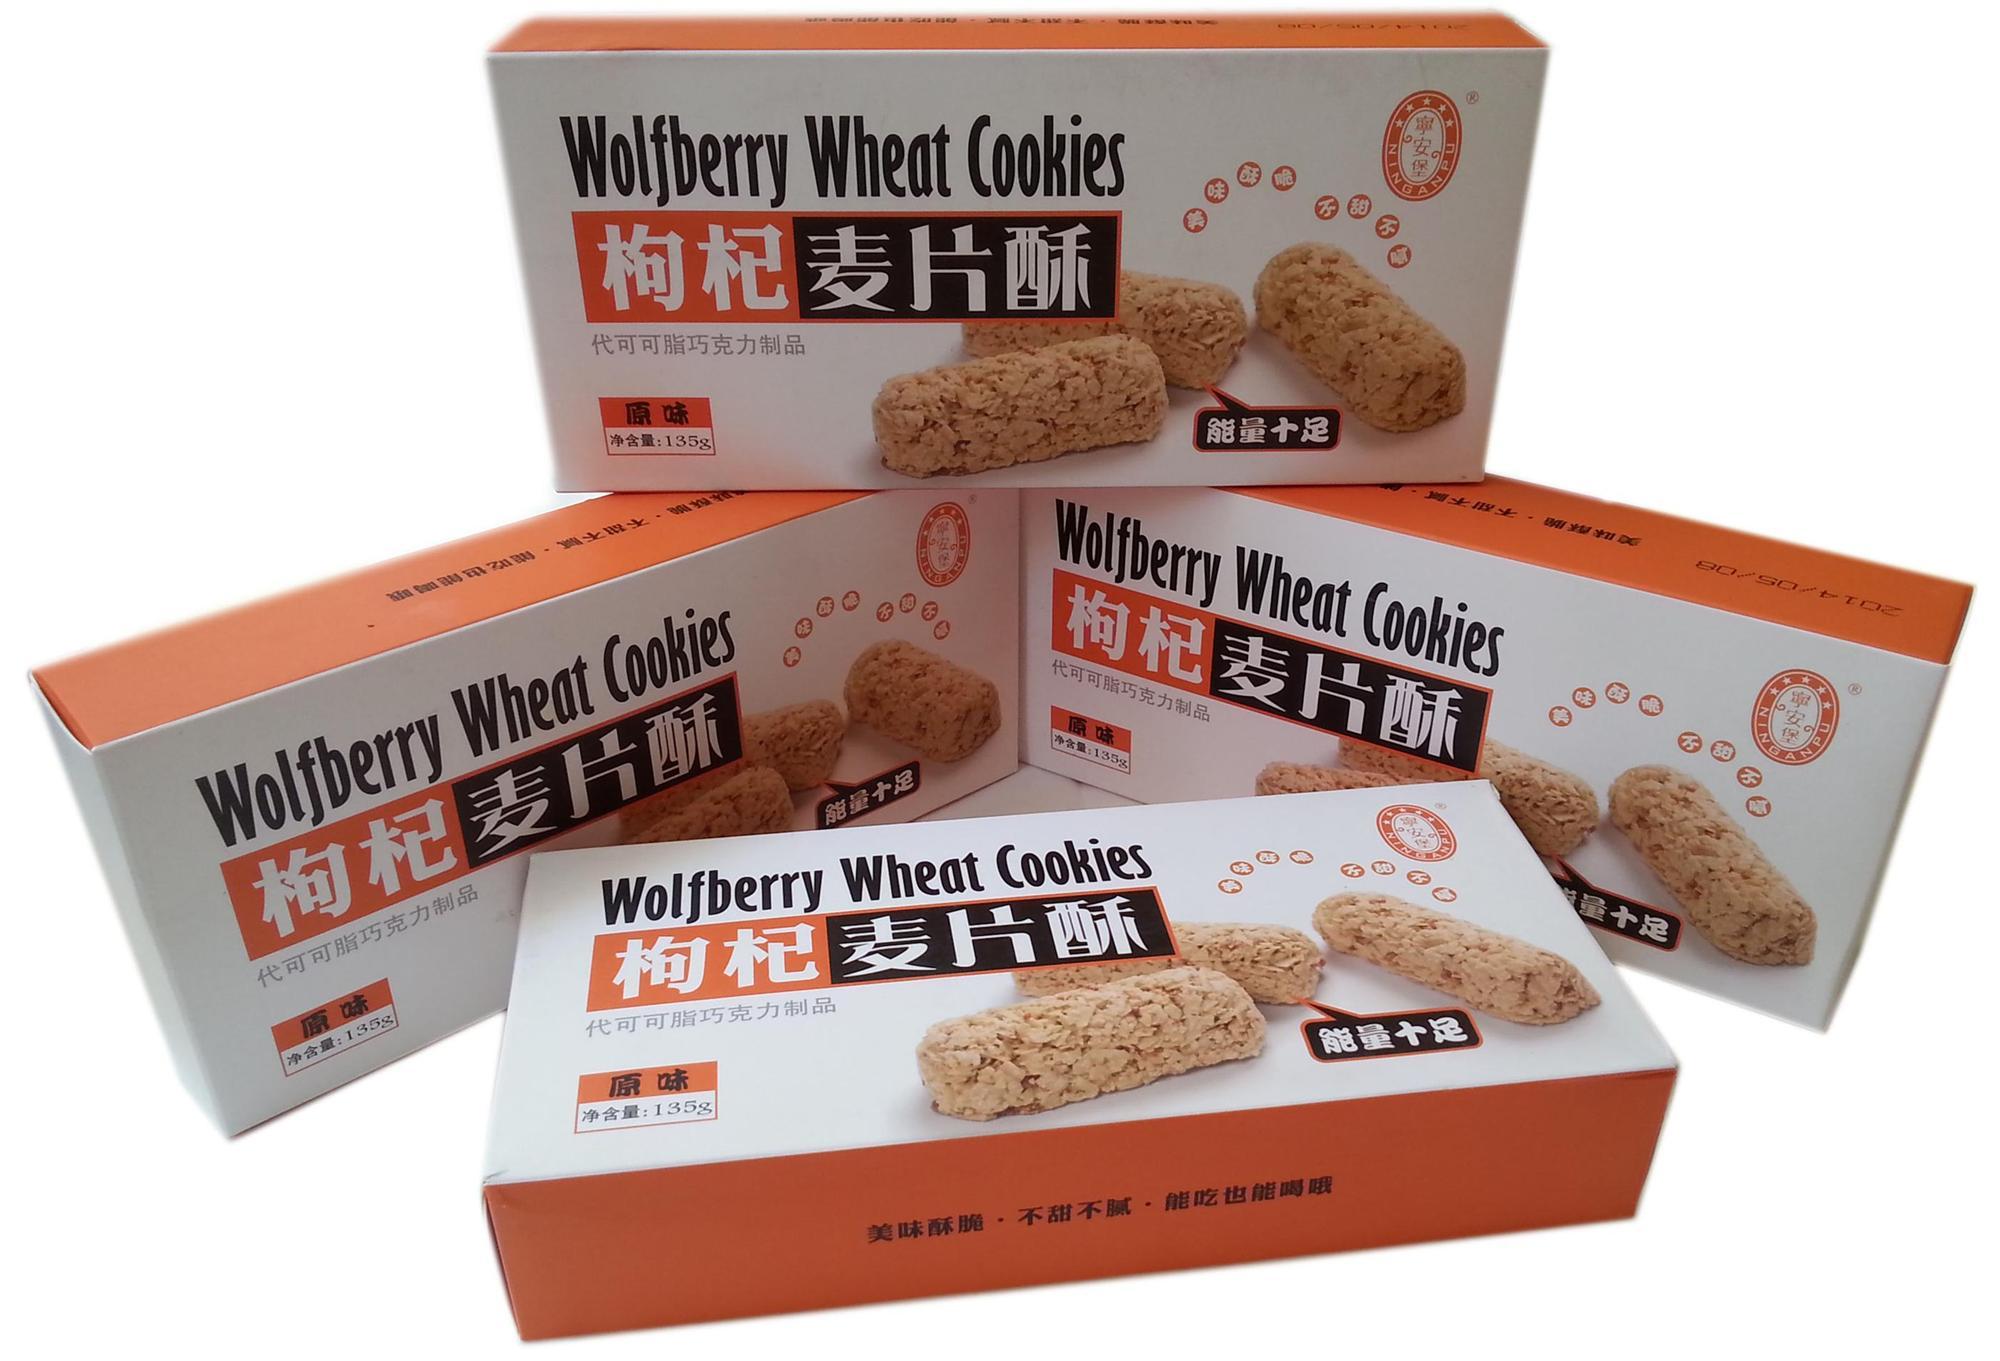 宁夏特产宁安堡枸杞麦片酥135克盒装休闲食品宝宝零食二个味